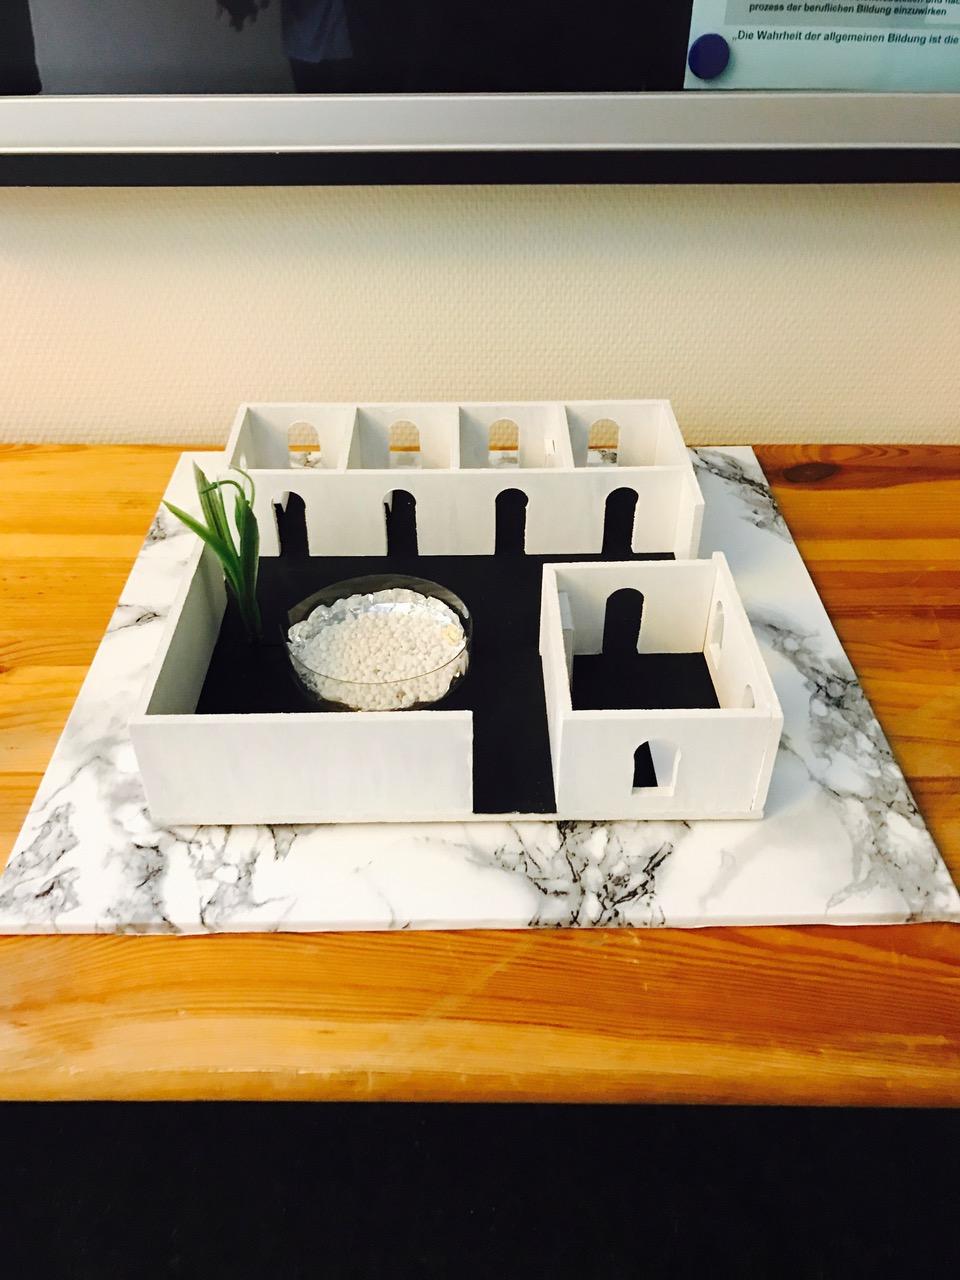 Architekturmodell von Saeeda Said Mihrabudin